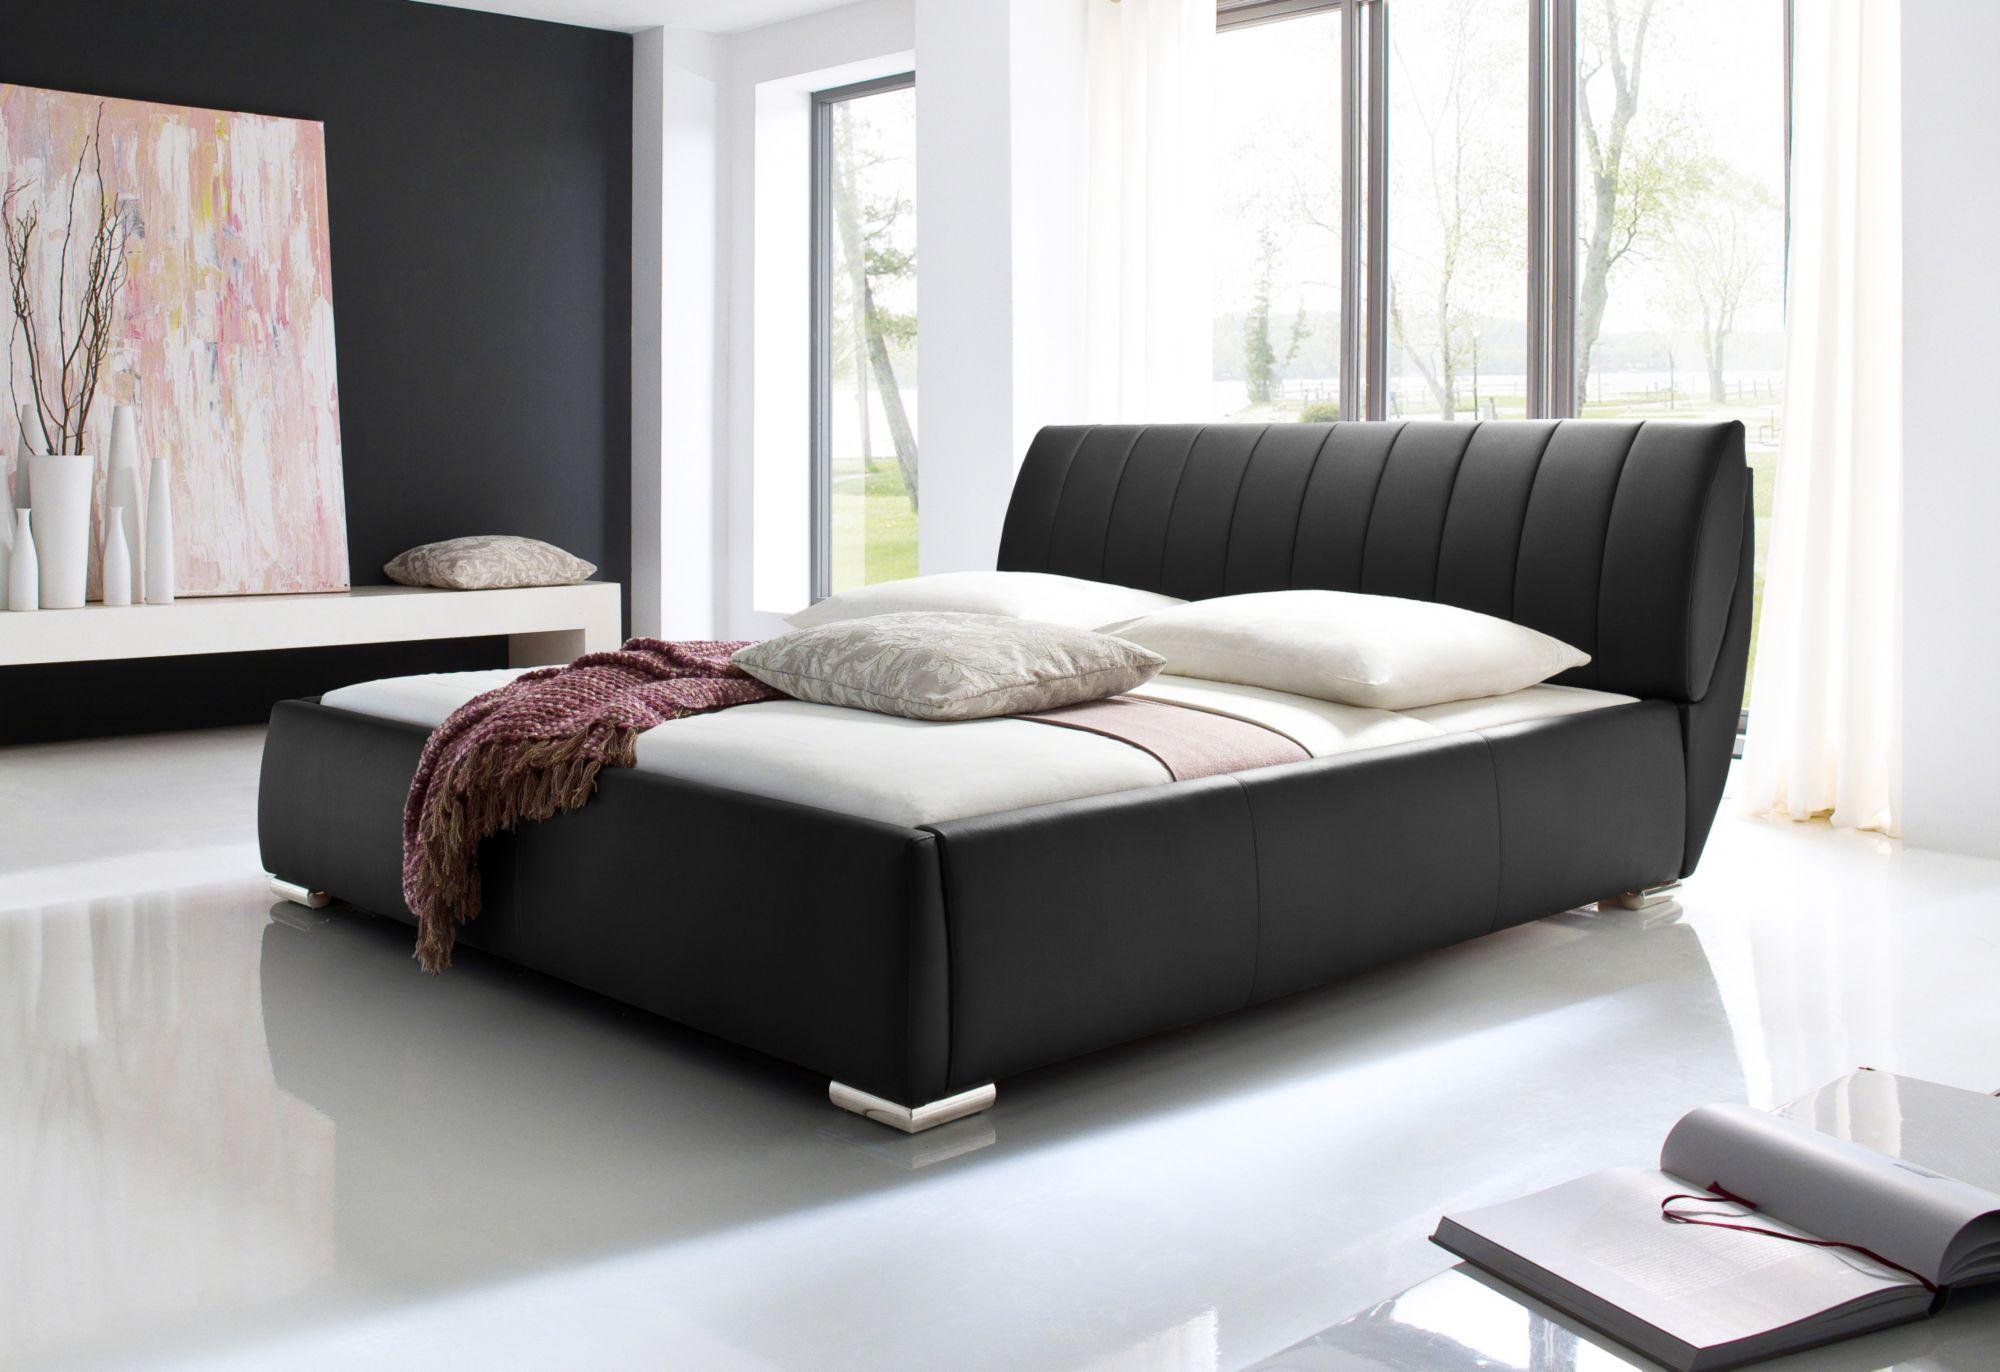 polsterbett meise m bel. Black Bedroom Furniture Sets. Home Design Ideas